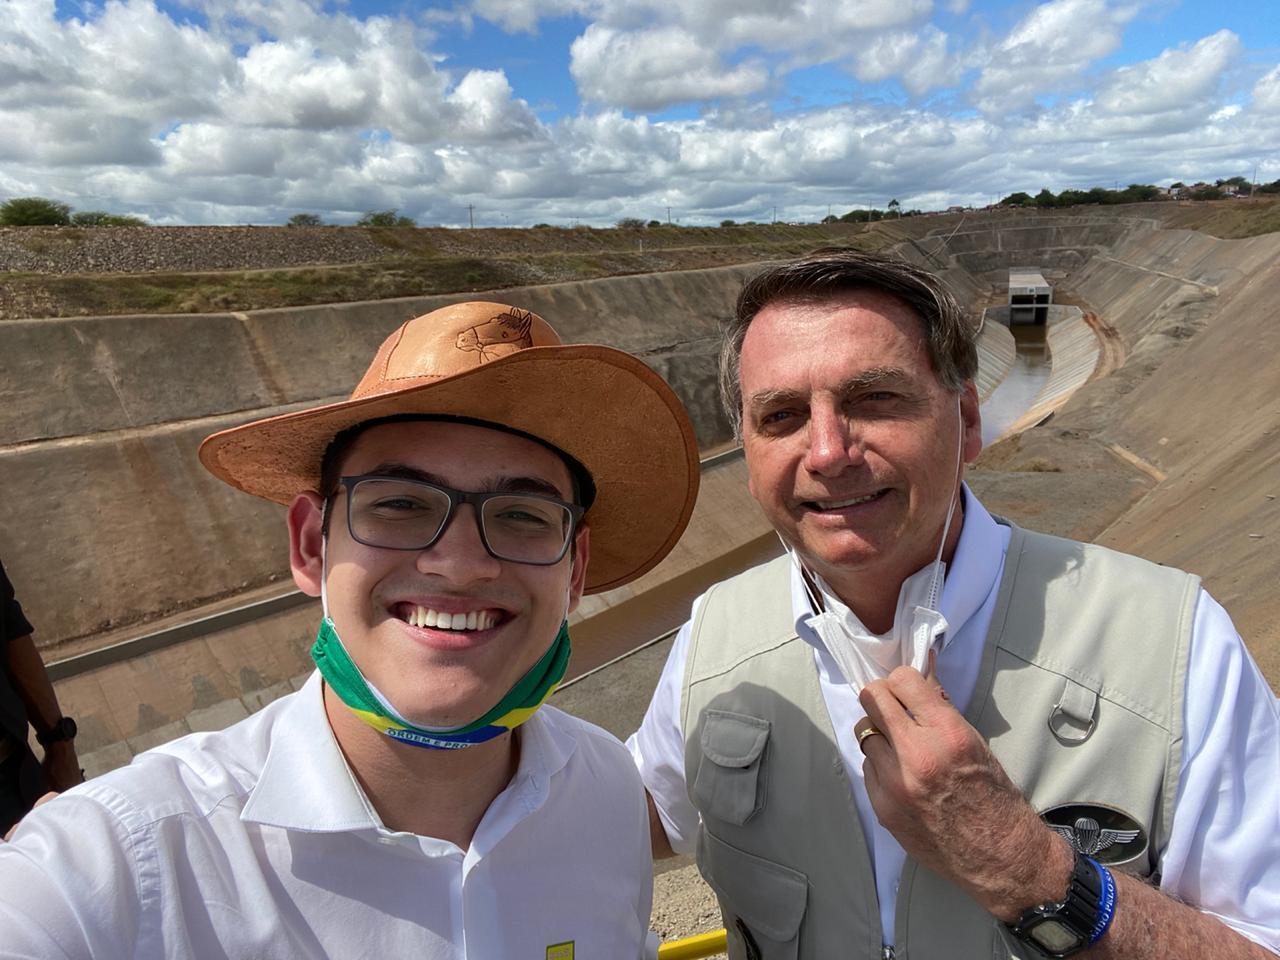 Após encontro com Bolsonaro, Carmelo Neto reafirma sua pré-candidatura a vereador de Fortaleza